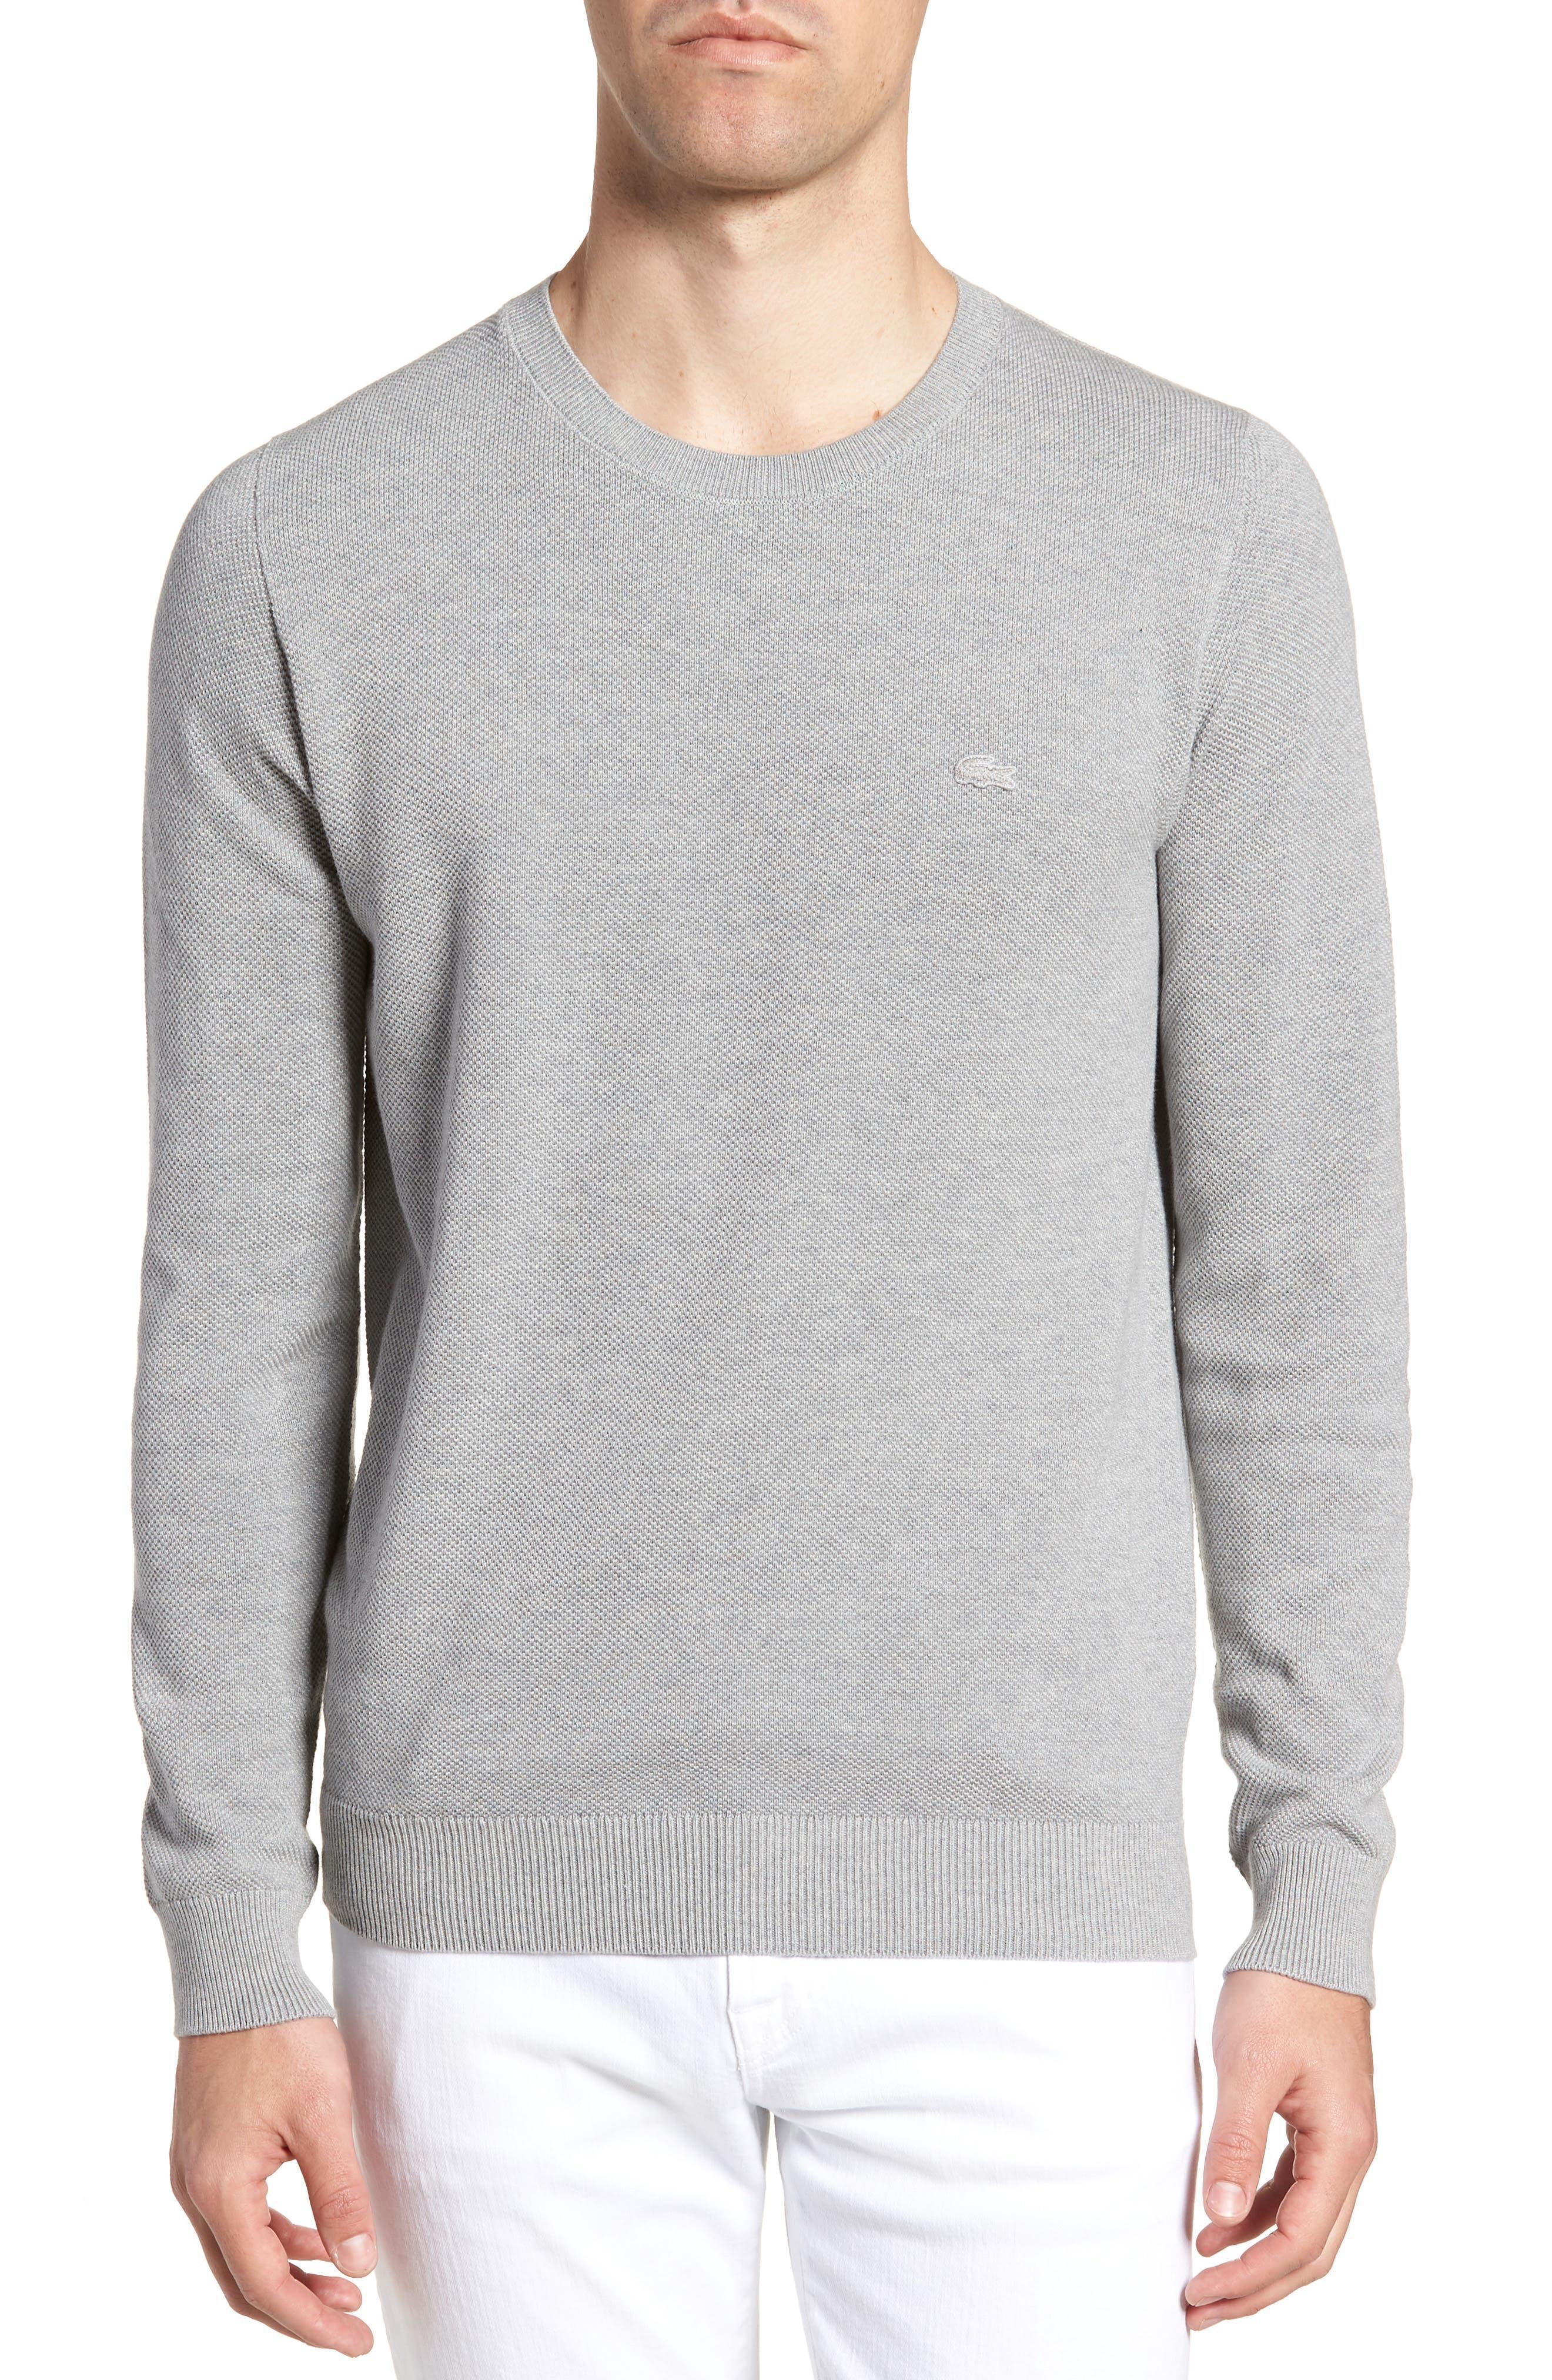 Lacoste Piqué Cotton Sweater